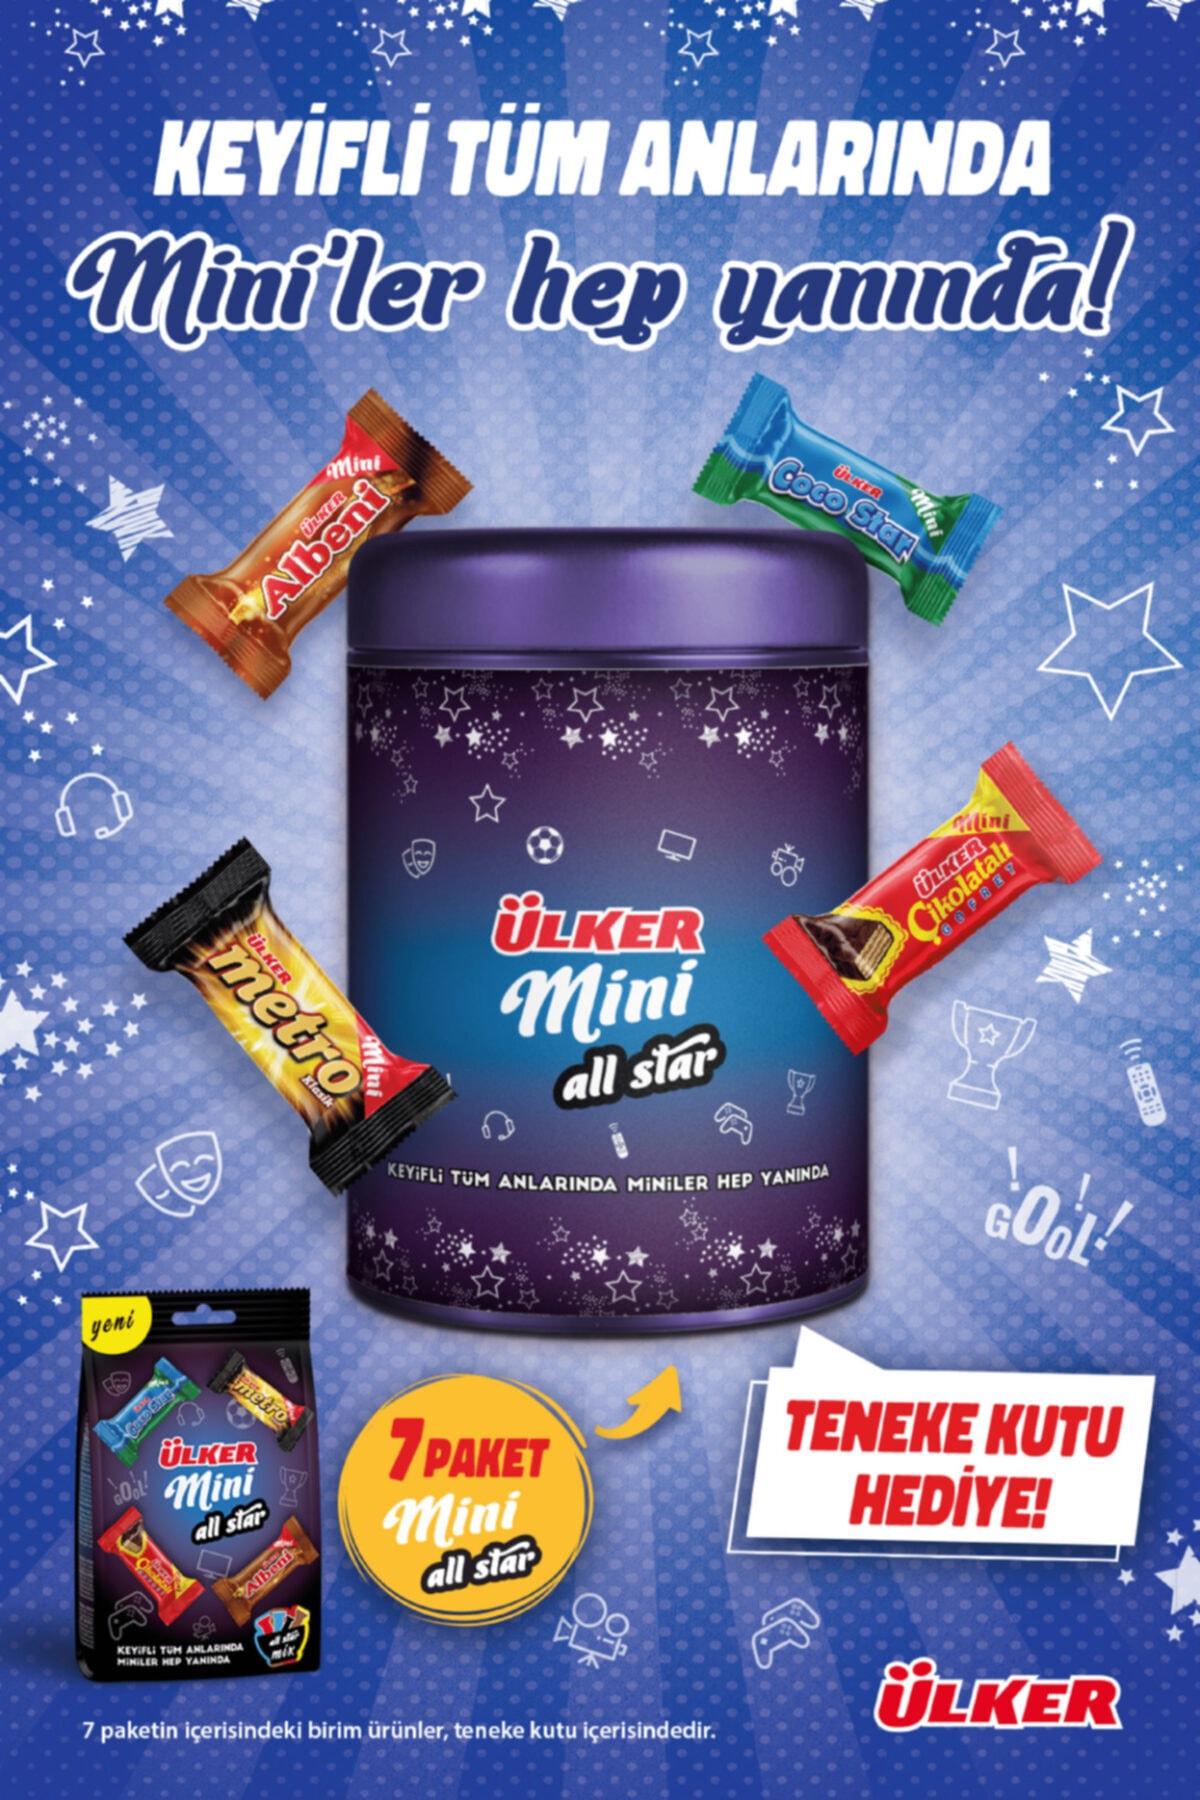 All Star Mini Tenek Kutu Çikolata Paketi